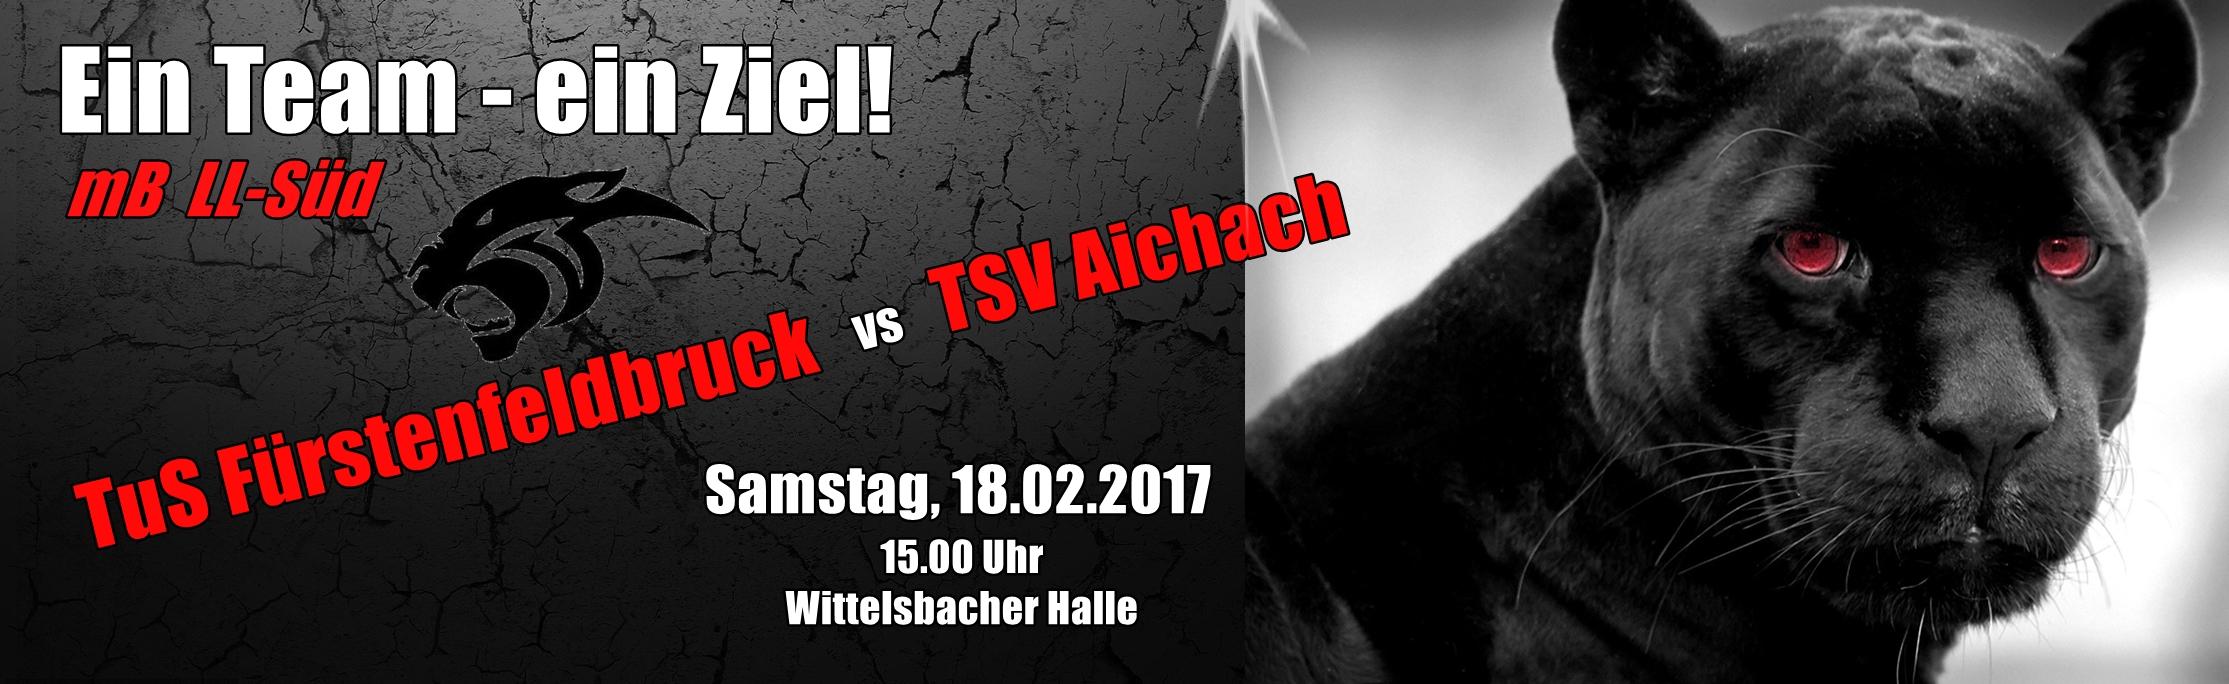 Banner Spiel Aichach - 18.02.2017